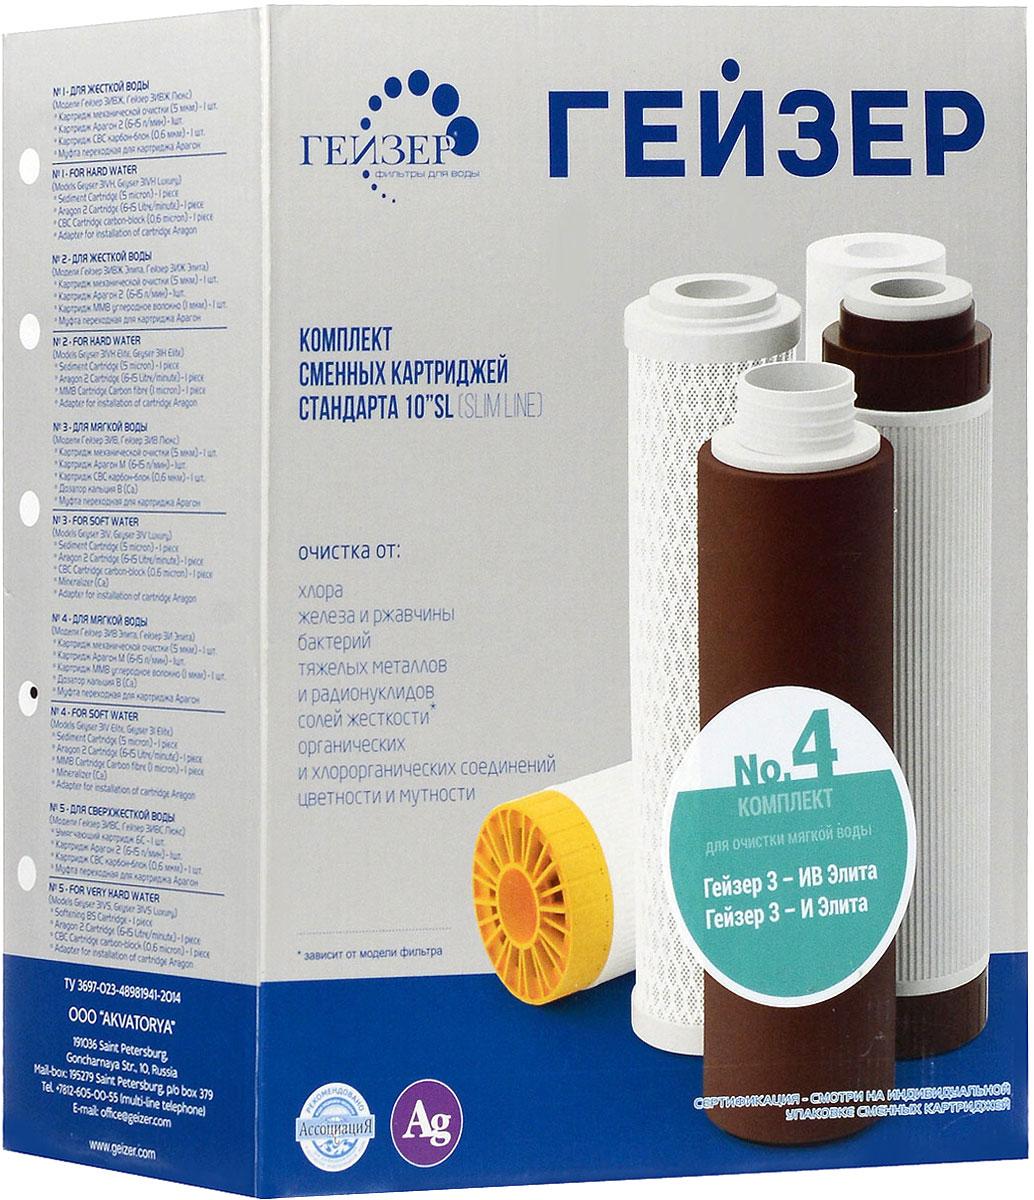 Комплект картриджей Гейзер №4, для мягкой воды, для фильтров Гейзер 3, 3 шт комплект картриджей гейзер с 1 50085 для фильтров гейзер 3 предмета